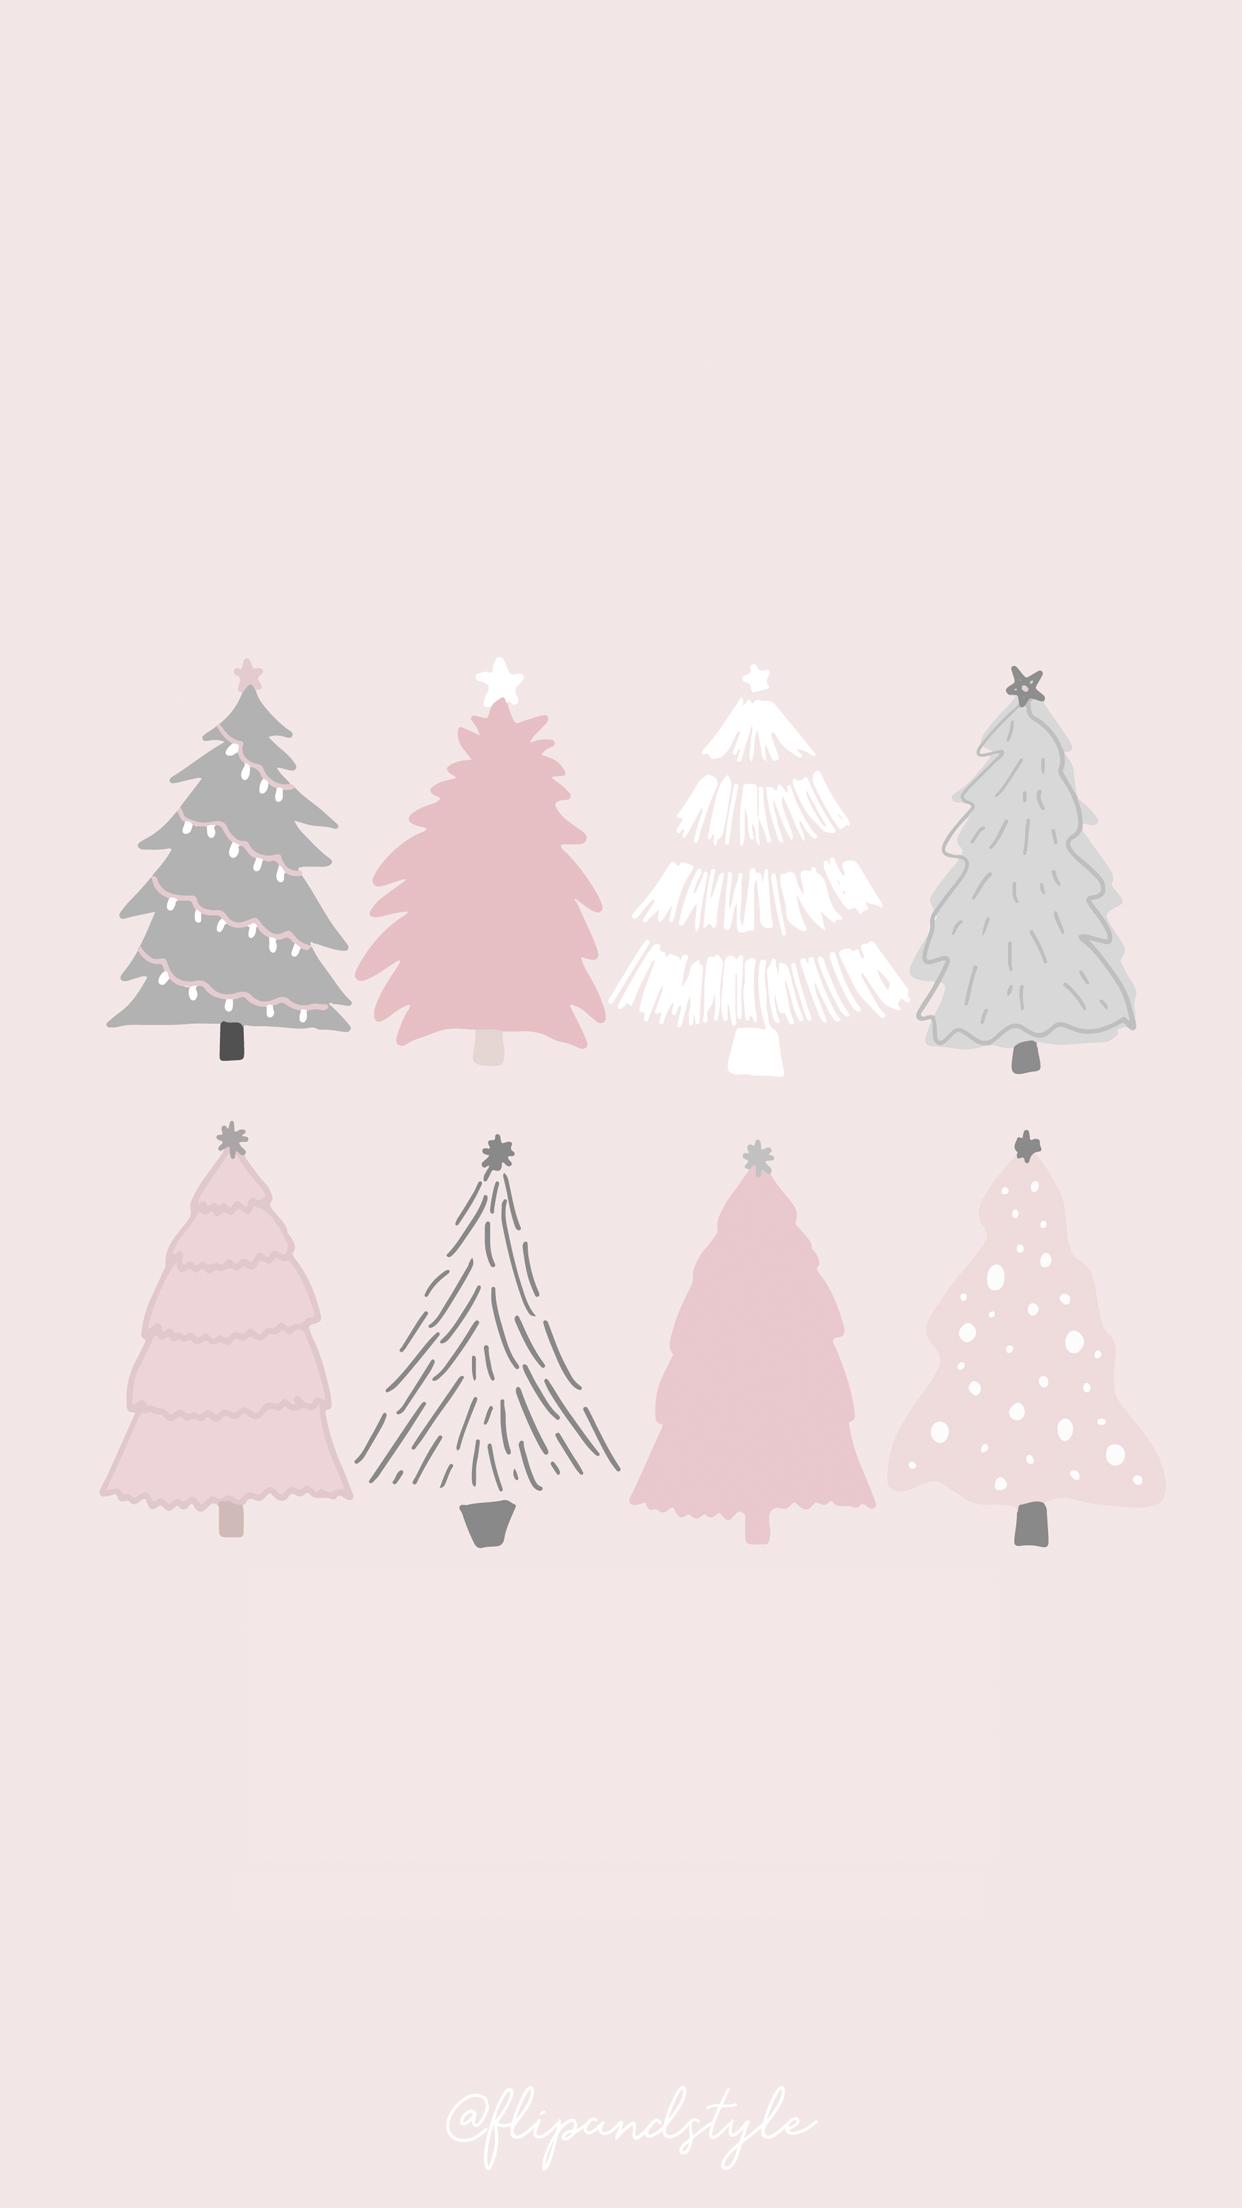 Christmas Wallpapers On Wallpaperdog